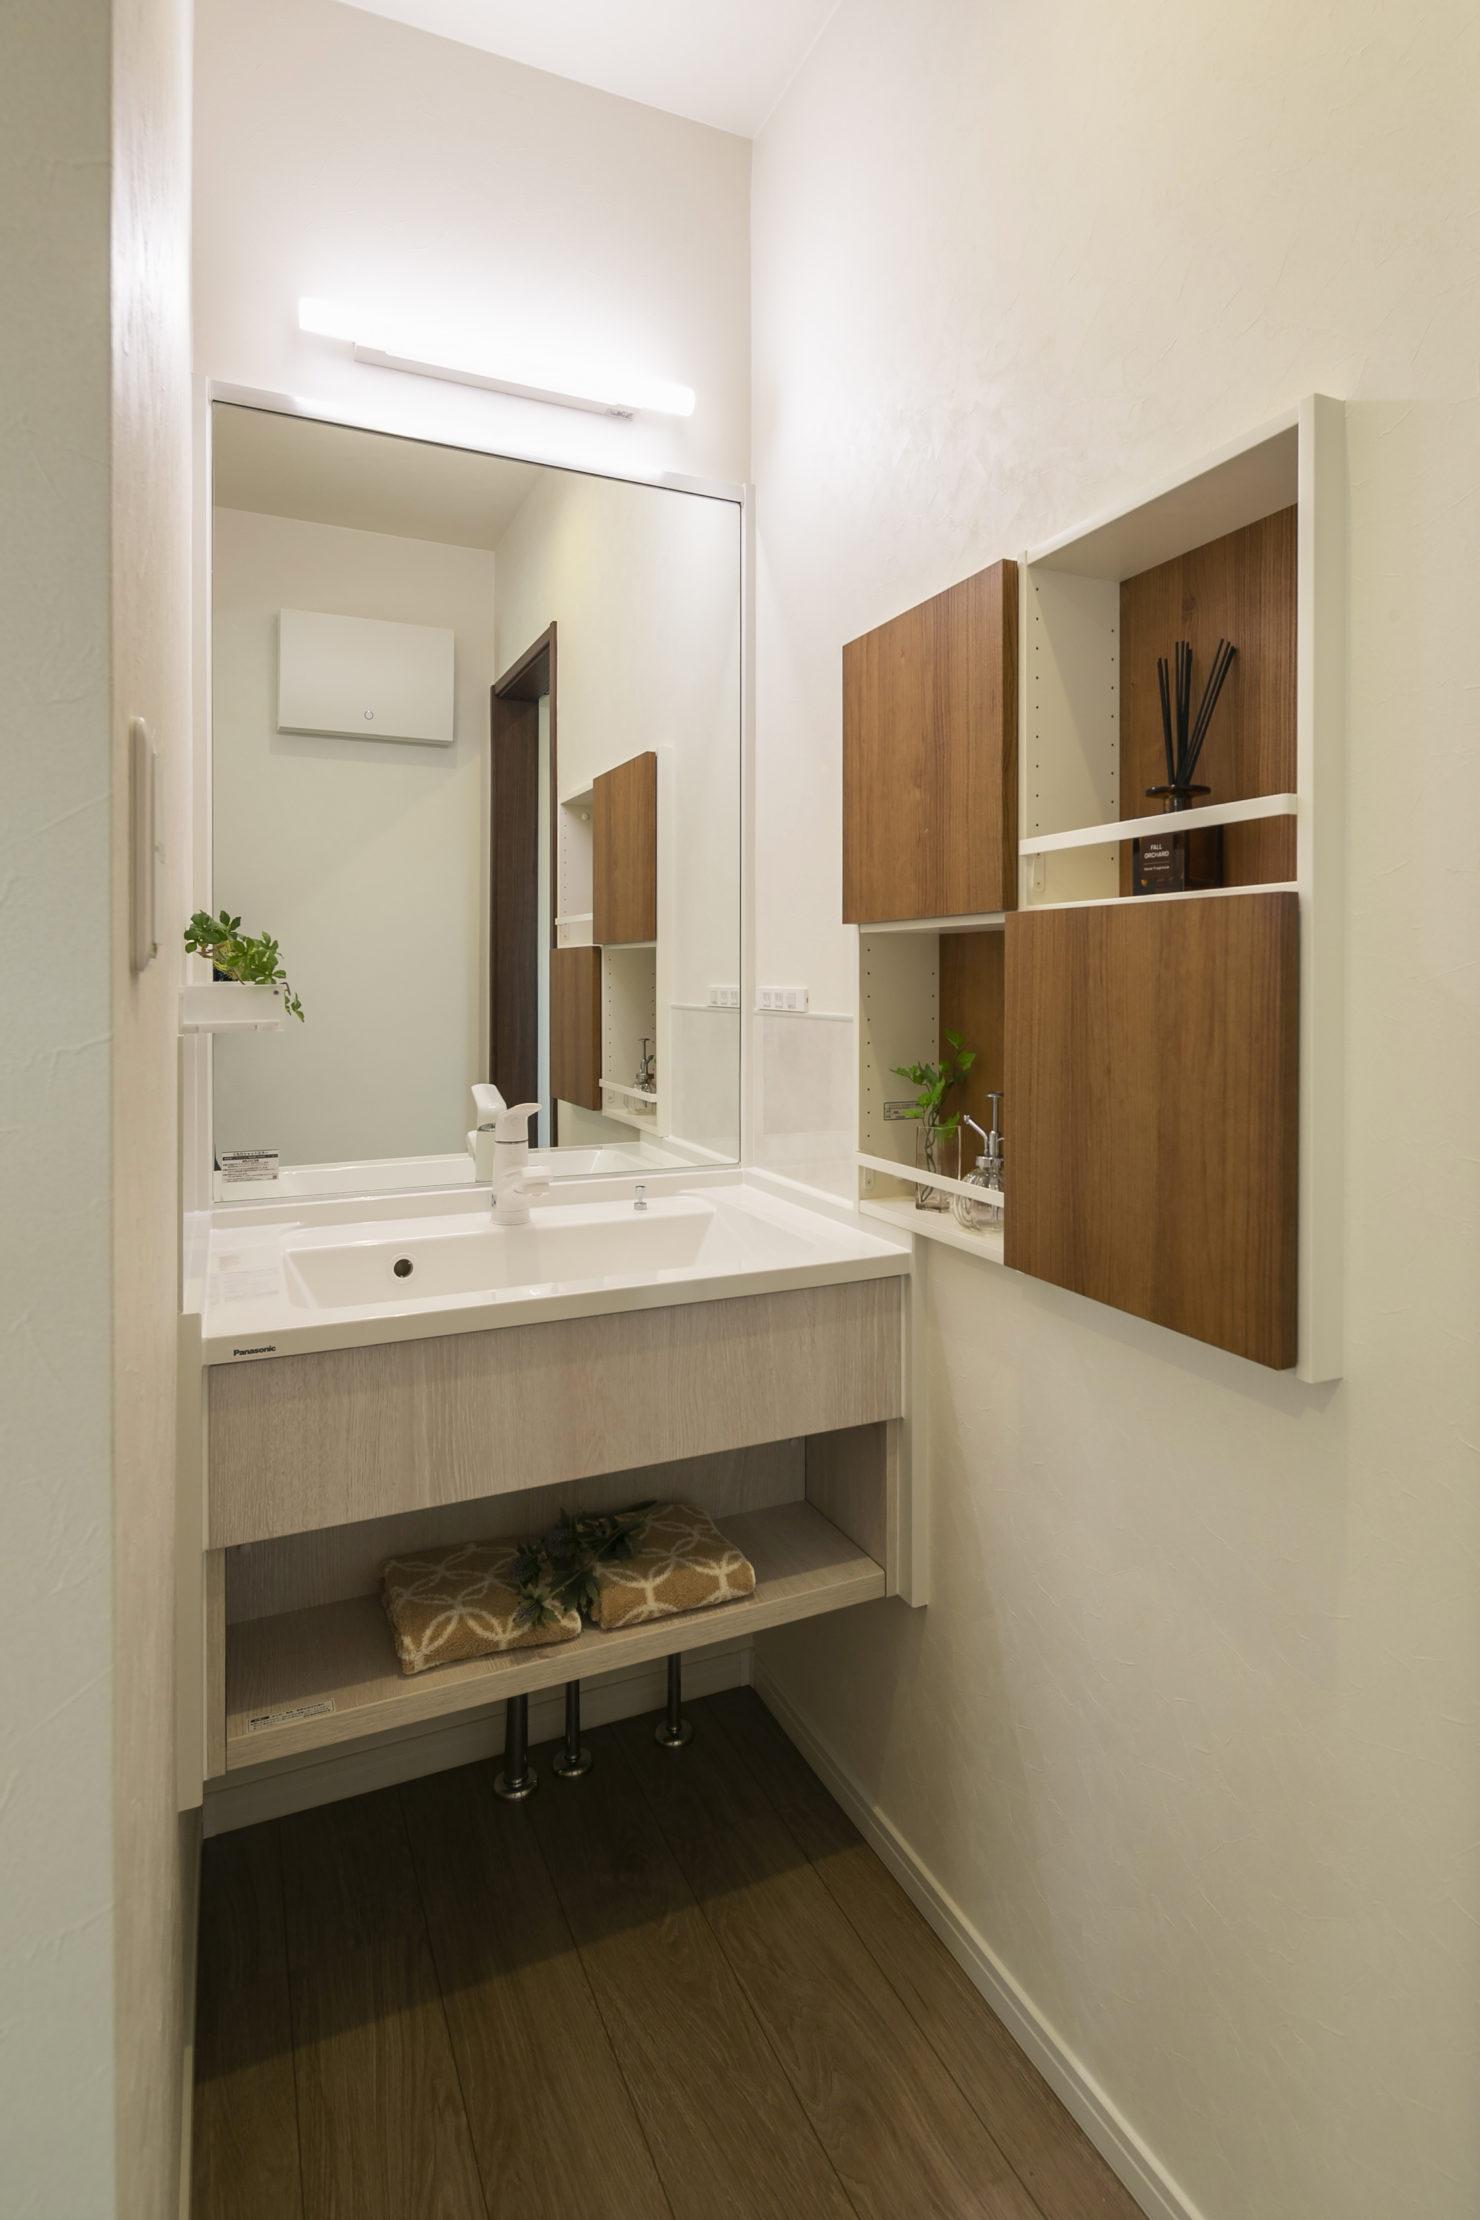 ハウスM21「片付けの習慣化でゆとりのある暮らし」洗面写真